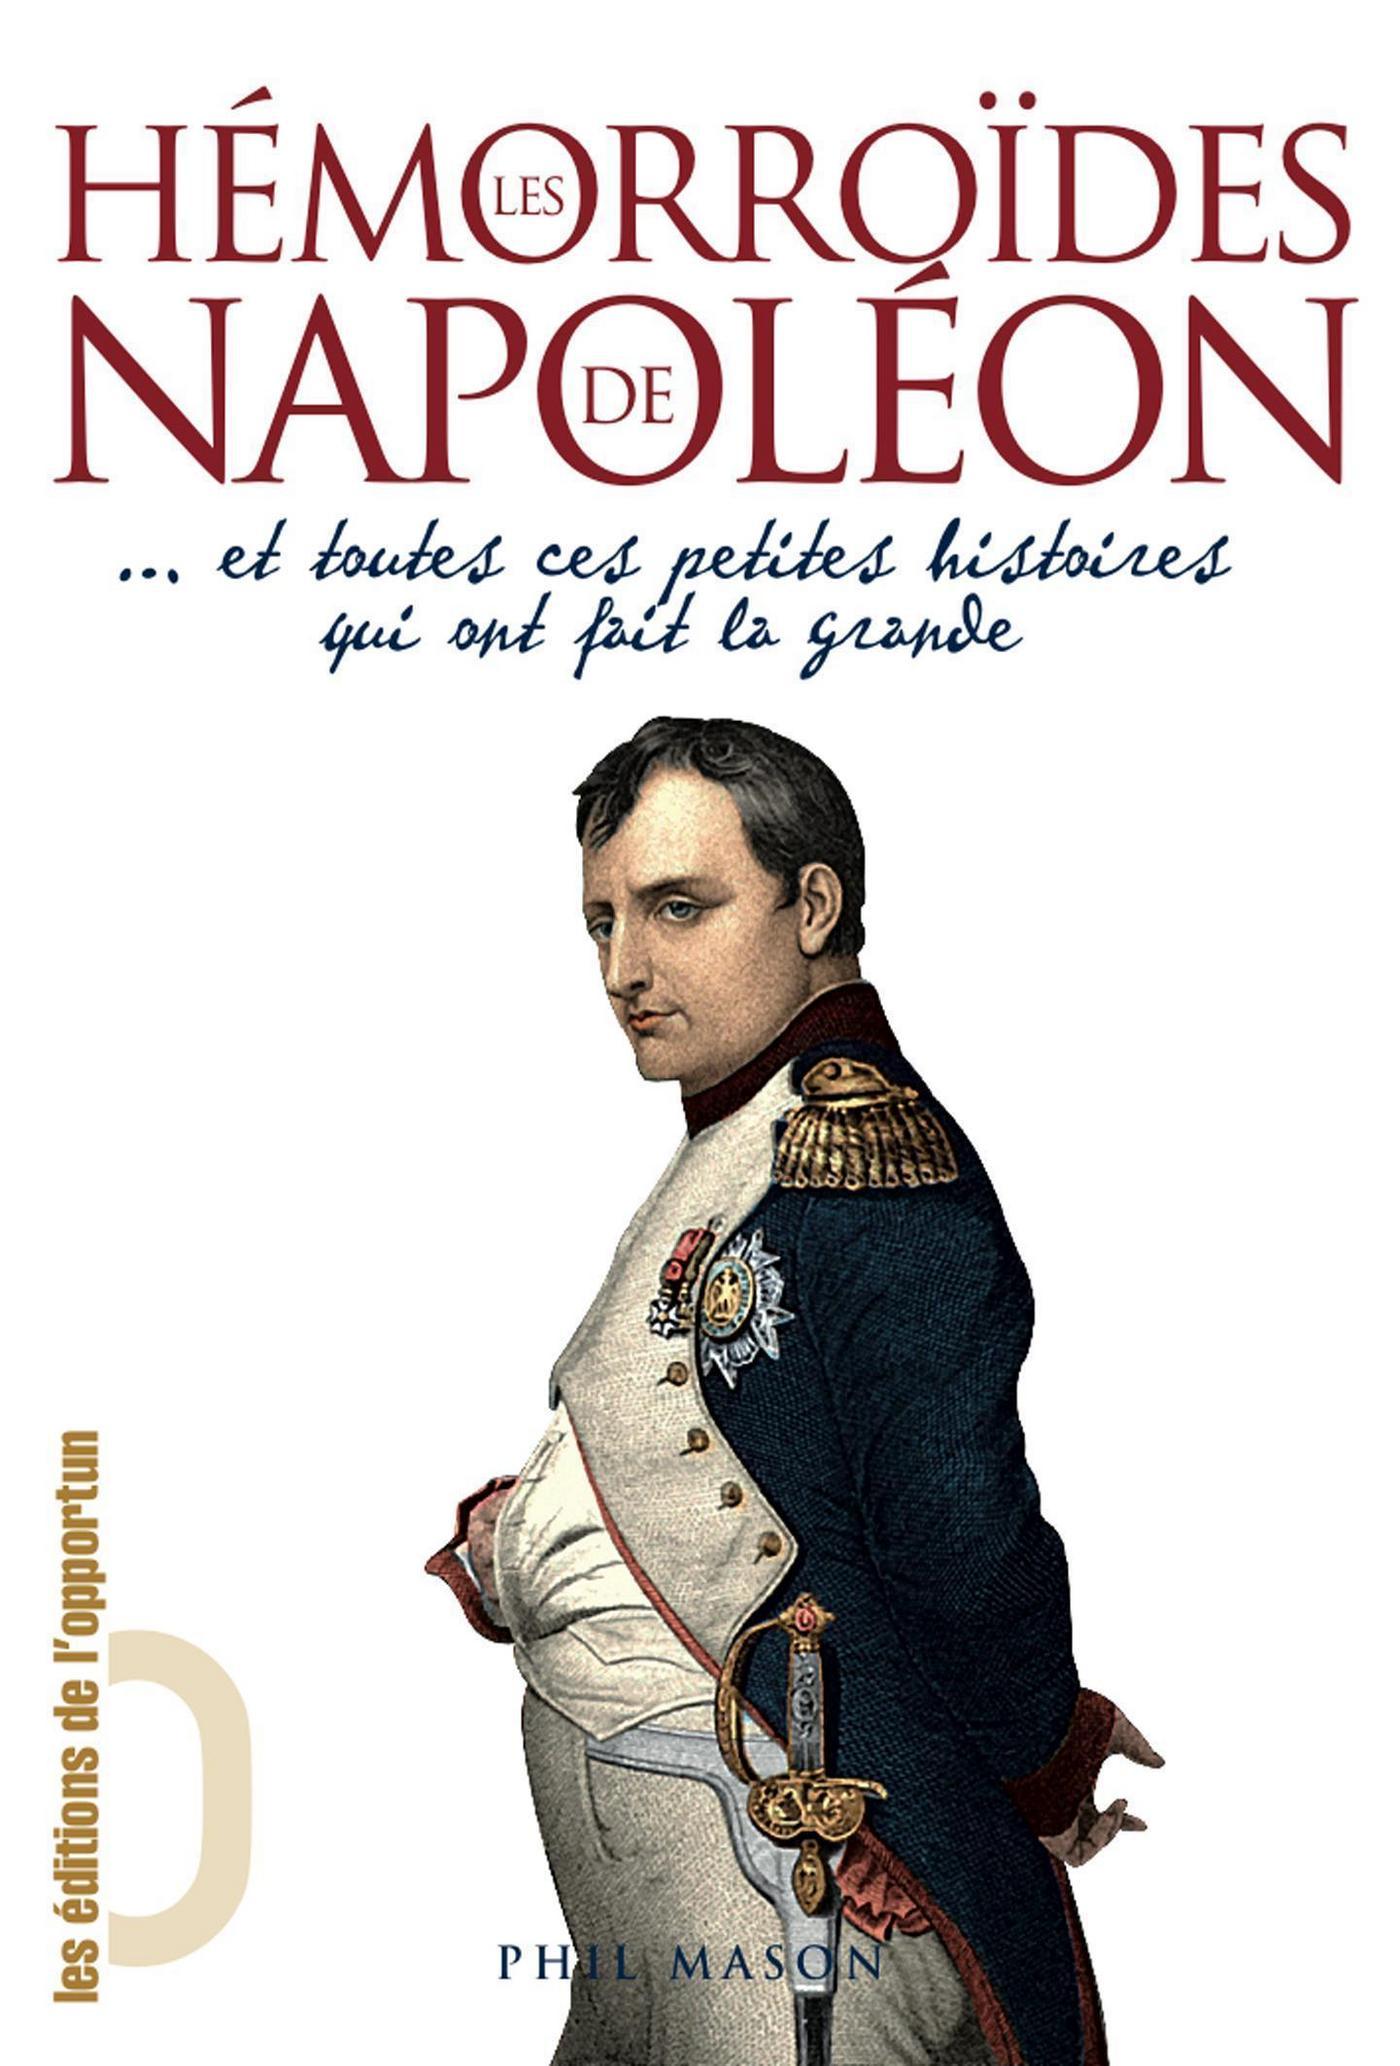 Les hémorroïdes de Napoléon - et toutes ces petites histoires qui ont fait la grande